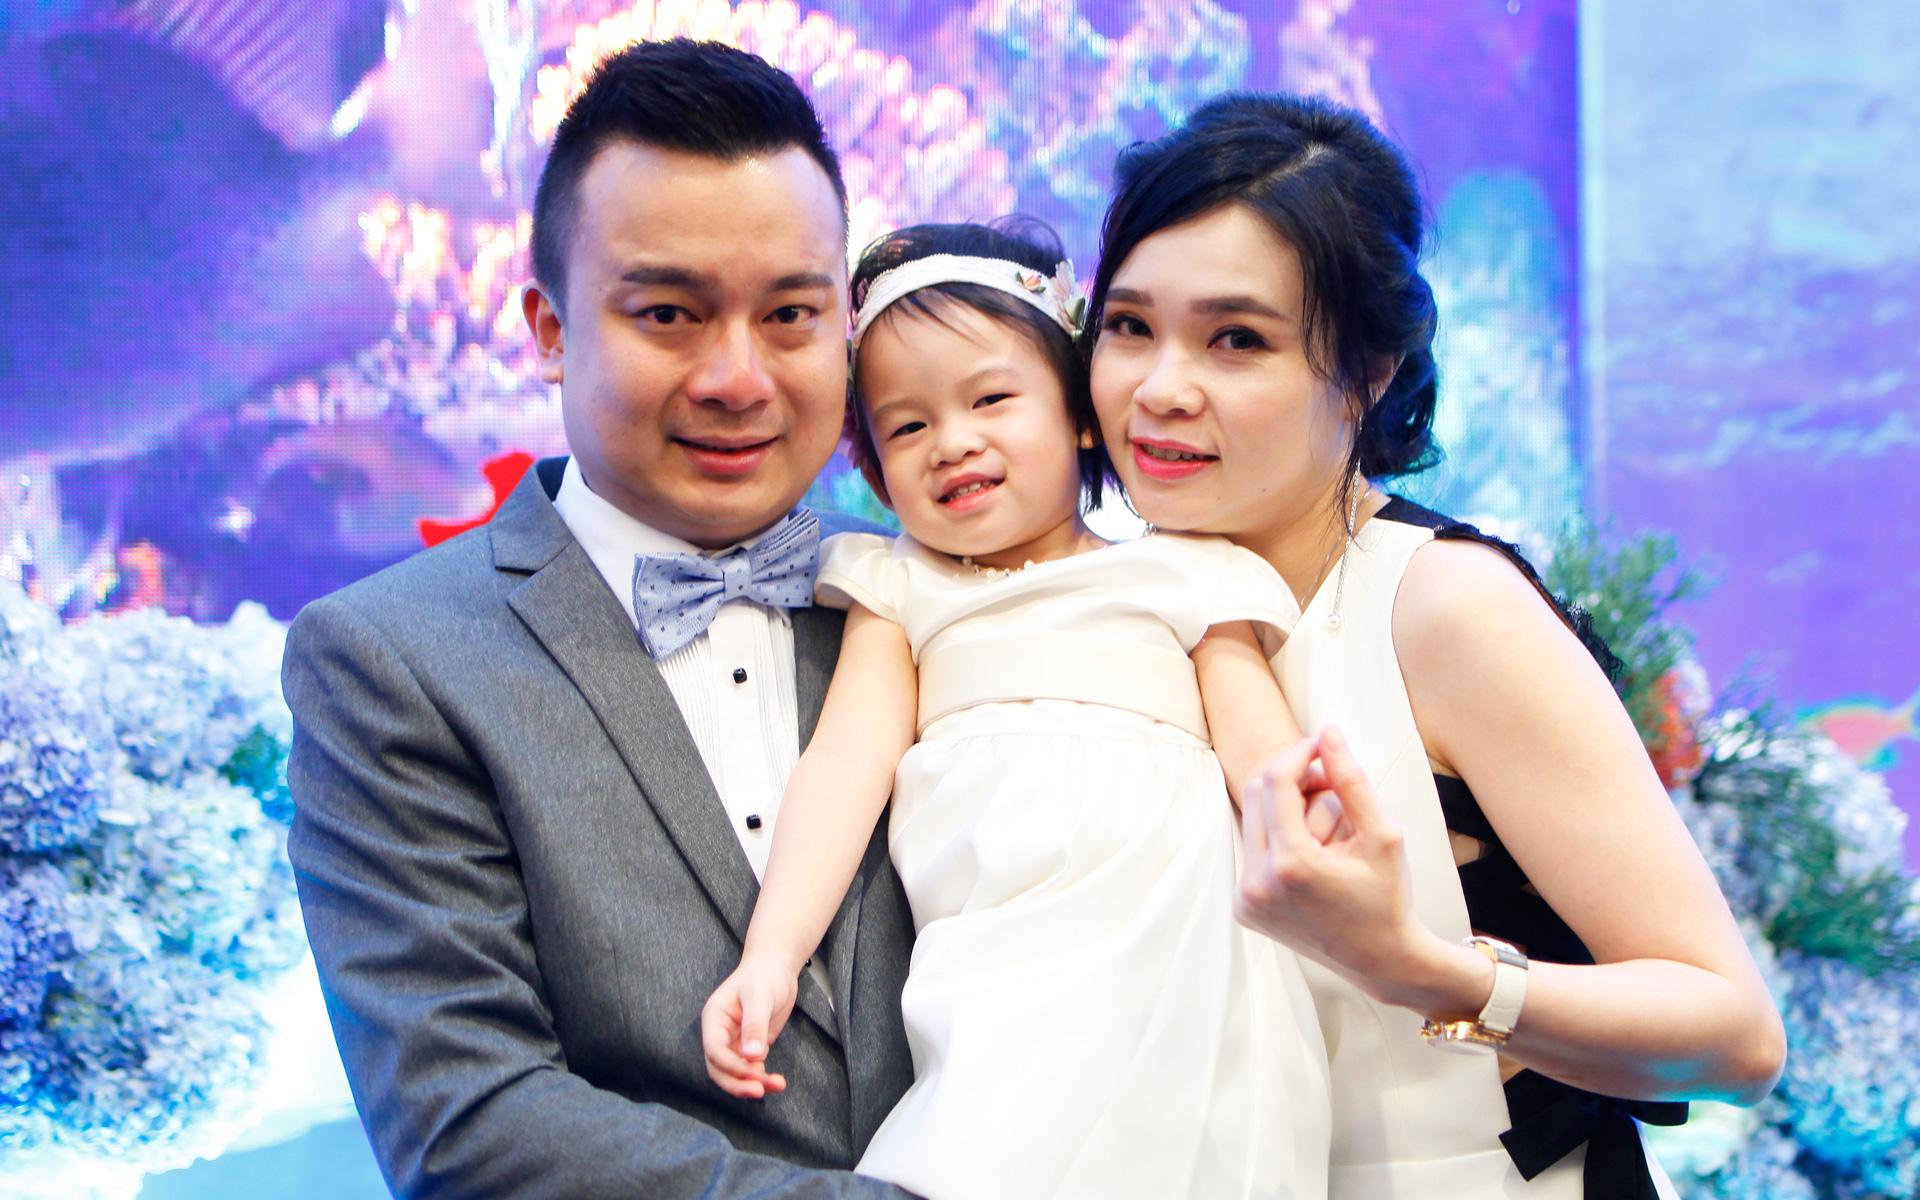 Edwin Lam, Hannah Lam and Chermaine Lam